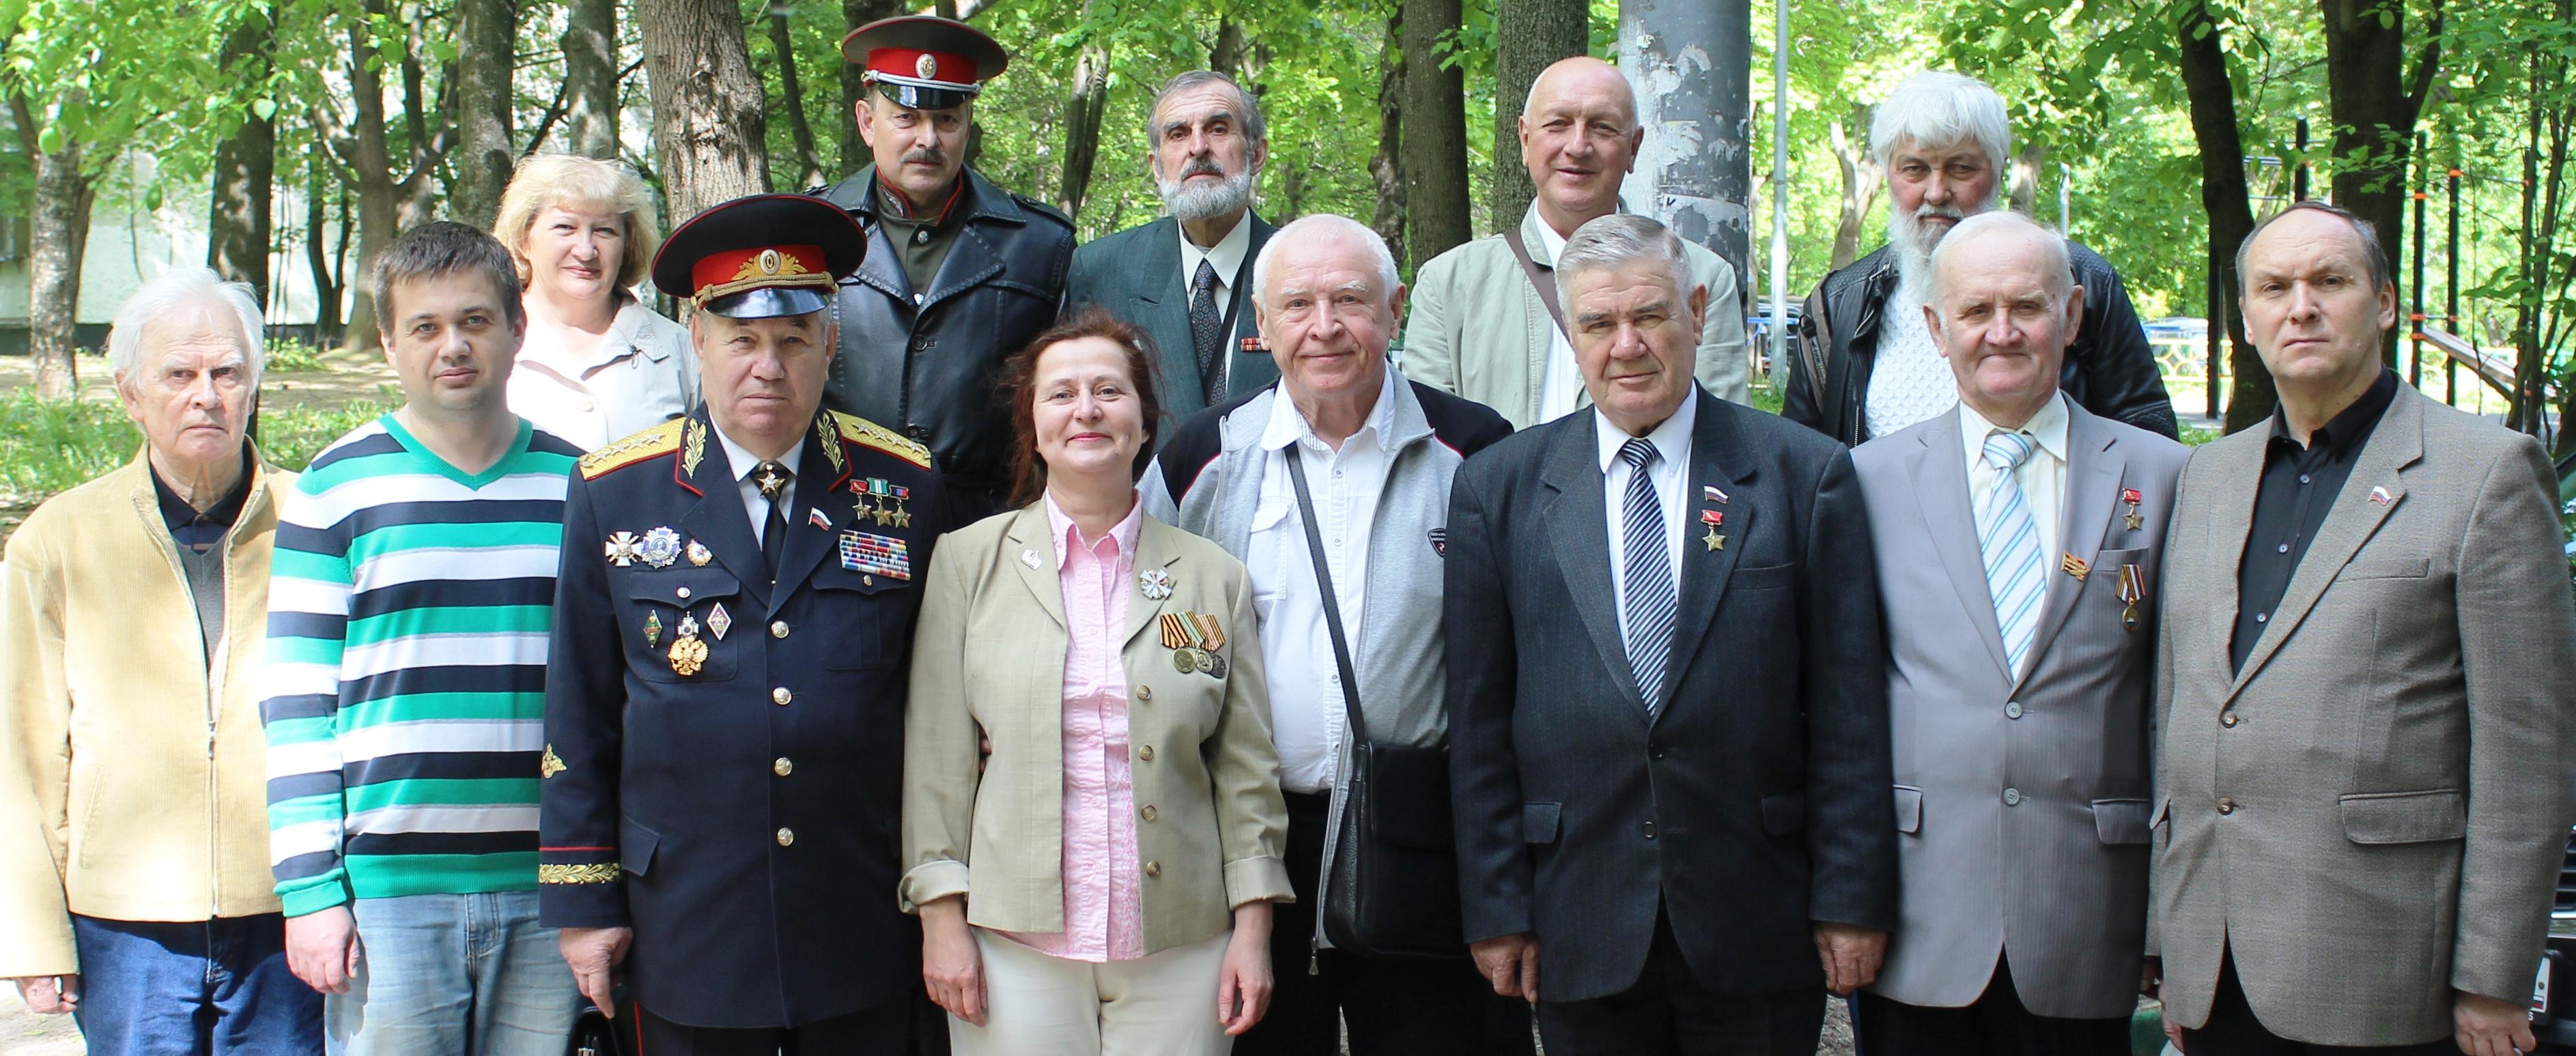 30 мая 2017 года состоялось закрытое совещание РОО «Бородино–2045» по подготовке к Юбилею 40-летия деятельности в 2019 году и рассмотрение планов вплоть до 2045 года